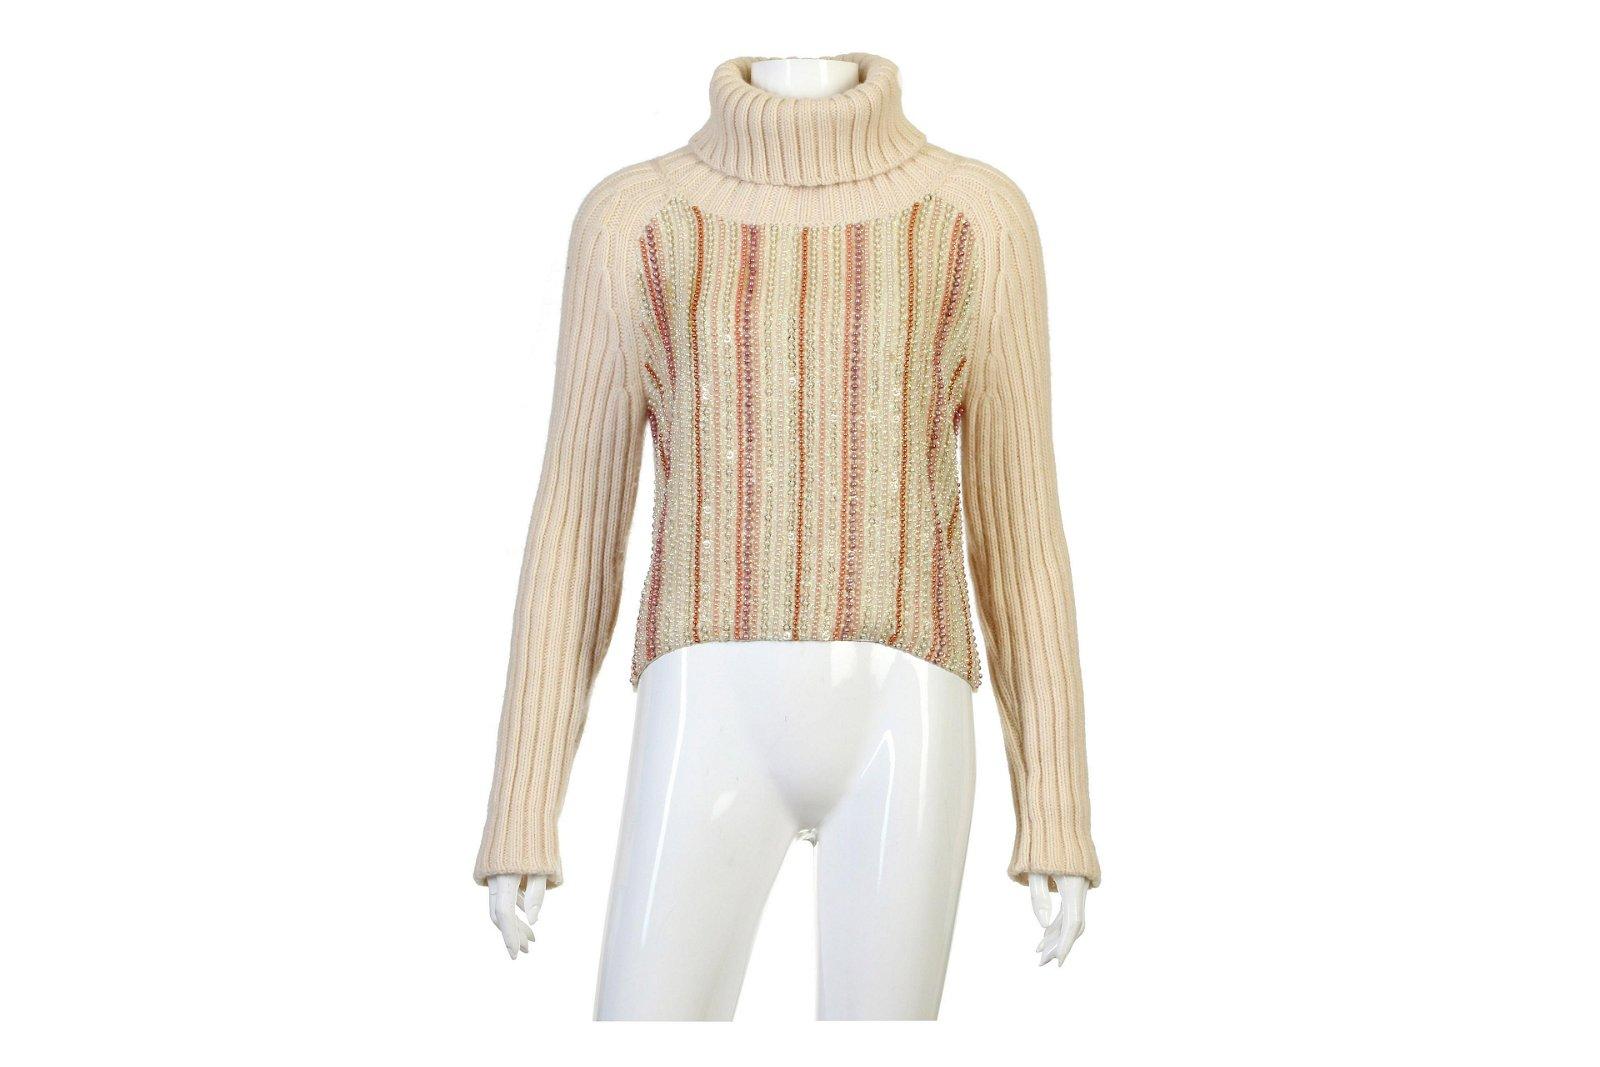 Chanel Embellished Cashmere Roll Neck Jumper